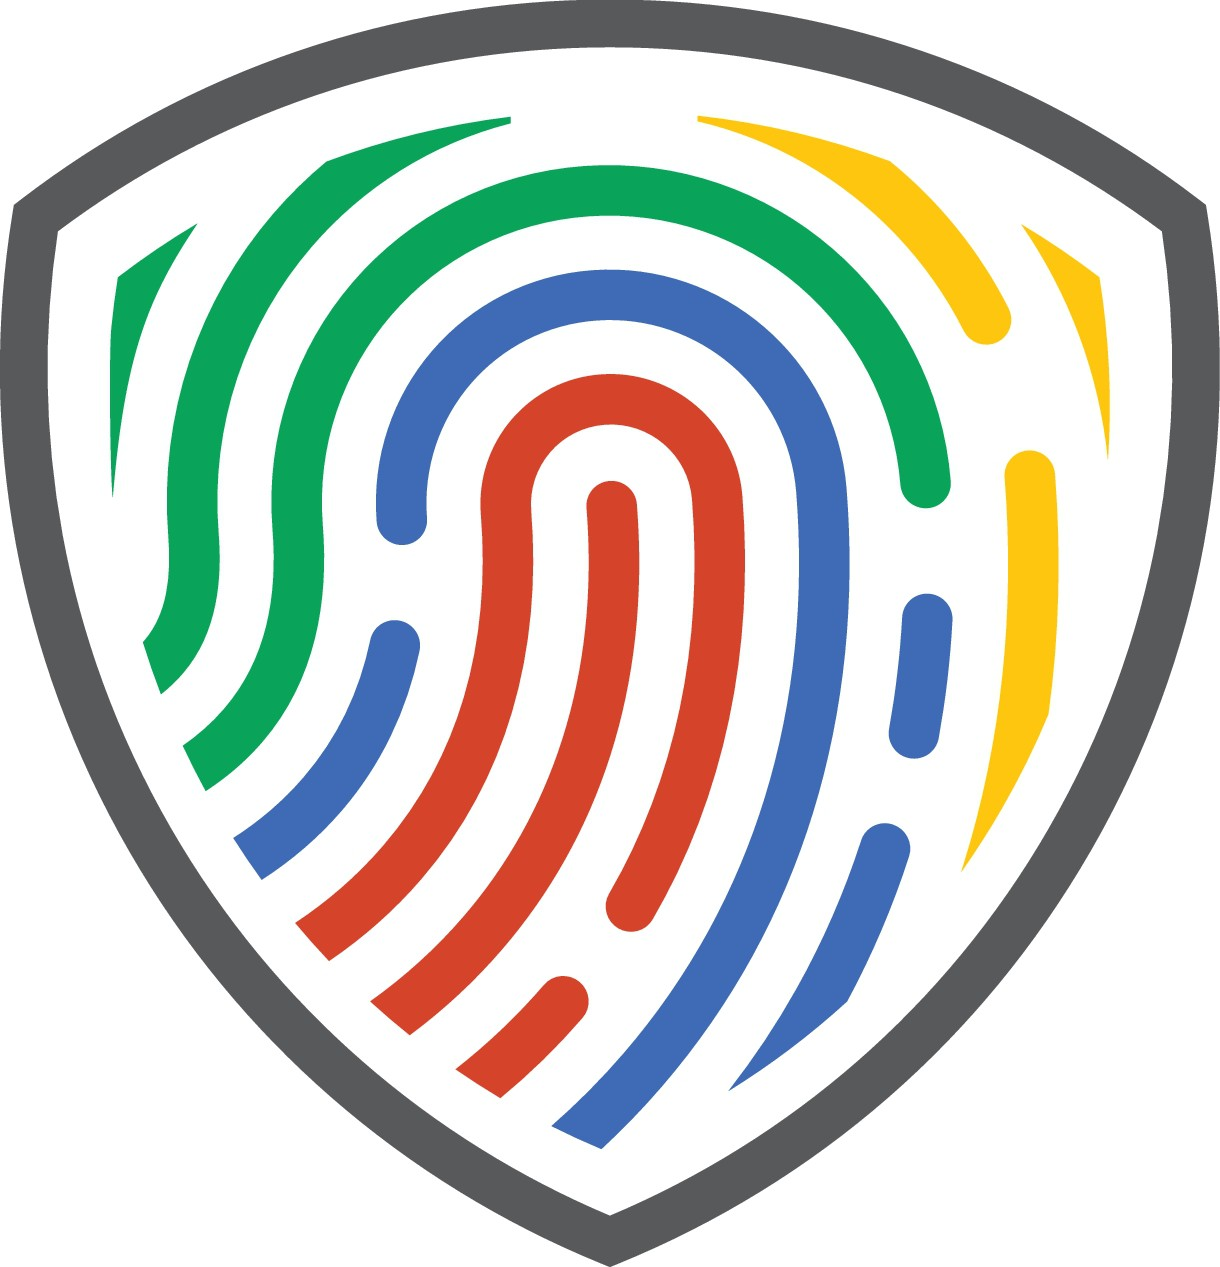 Simple - Playful - Unique Logo Design